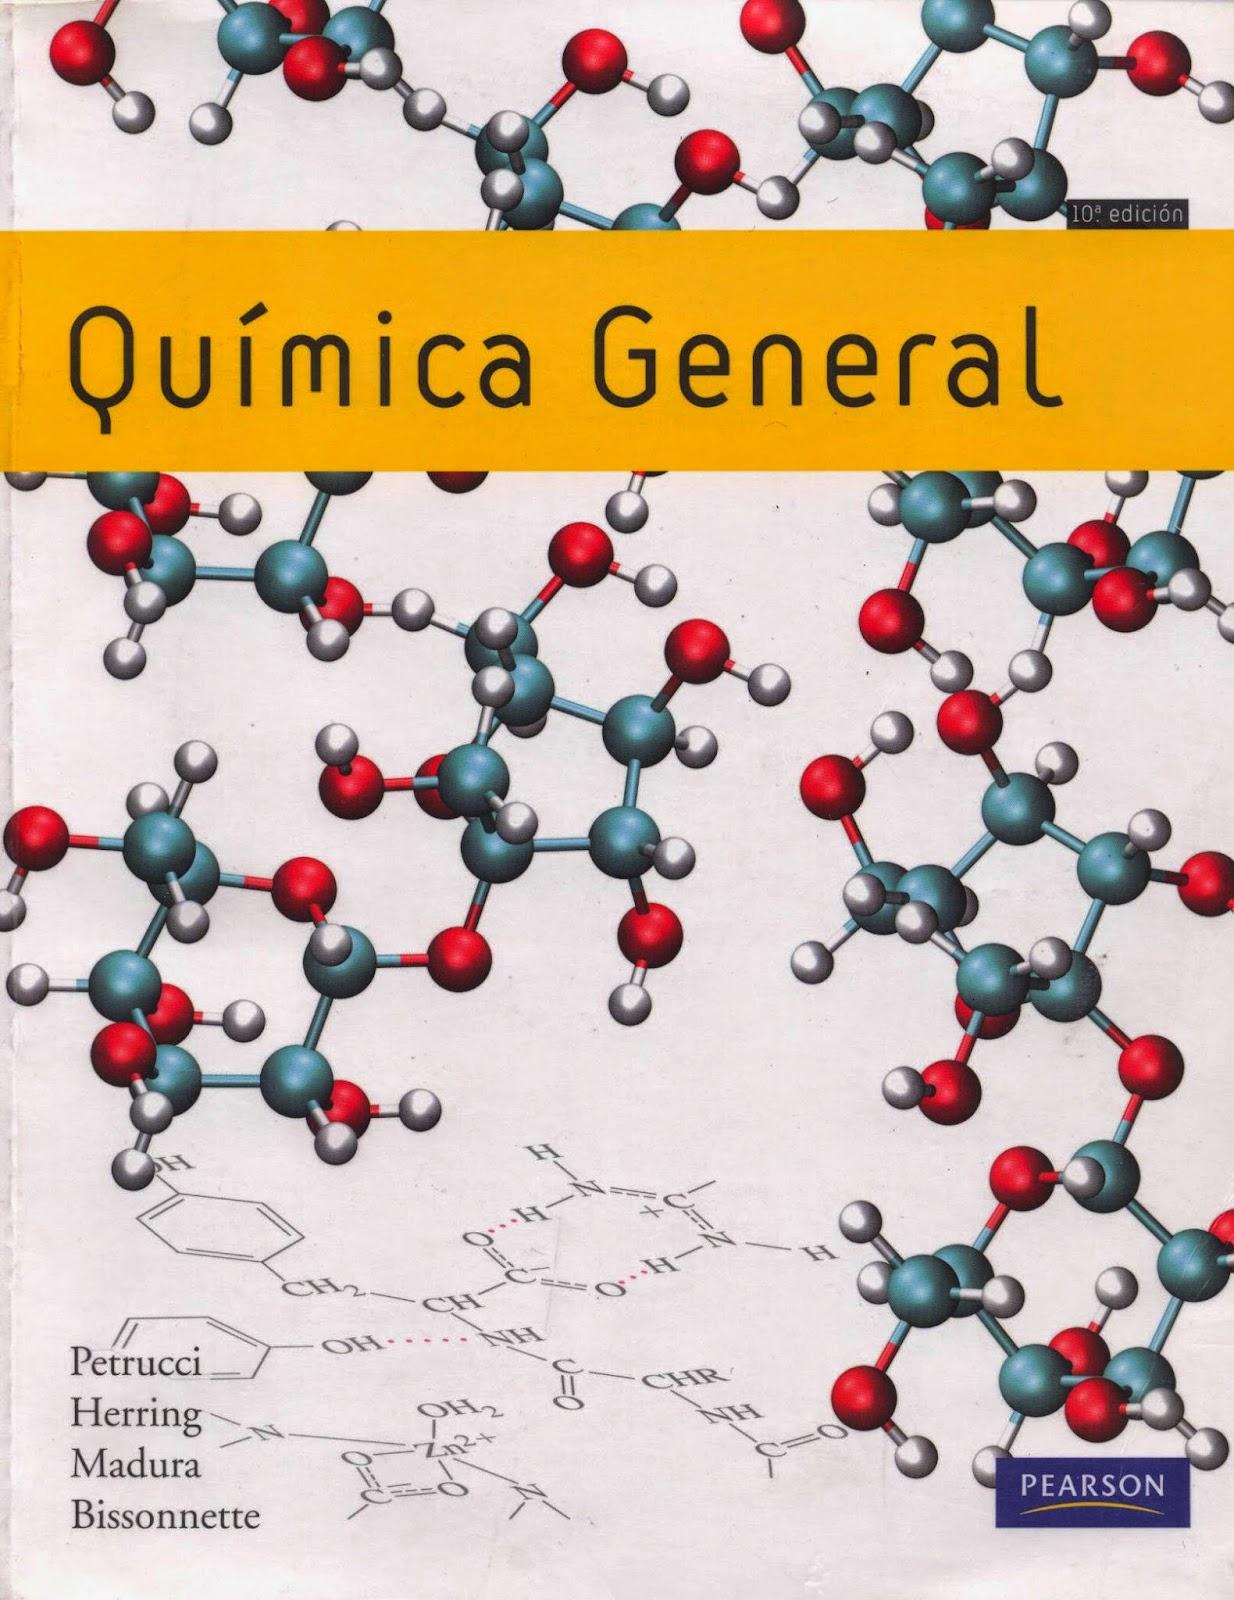 Quimica General Petrucci qu Mica General Petrucci